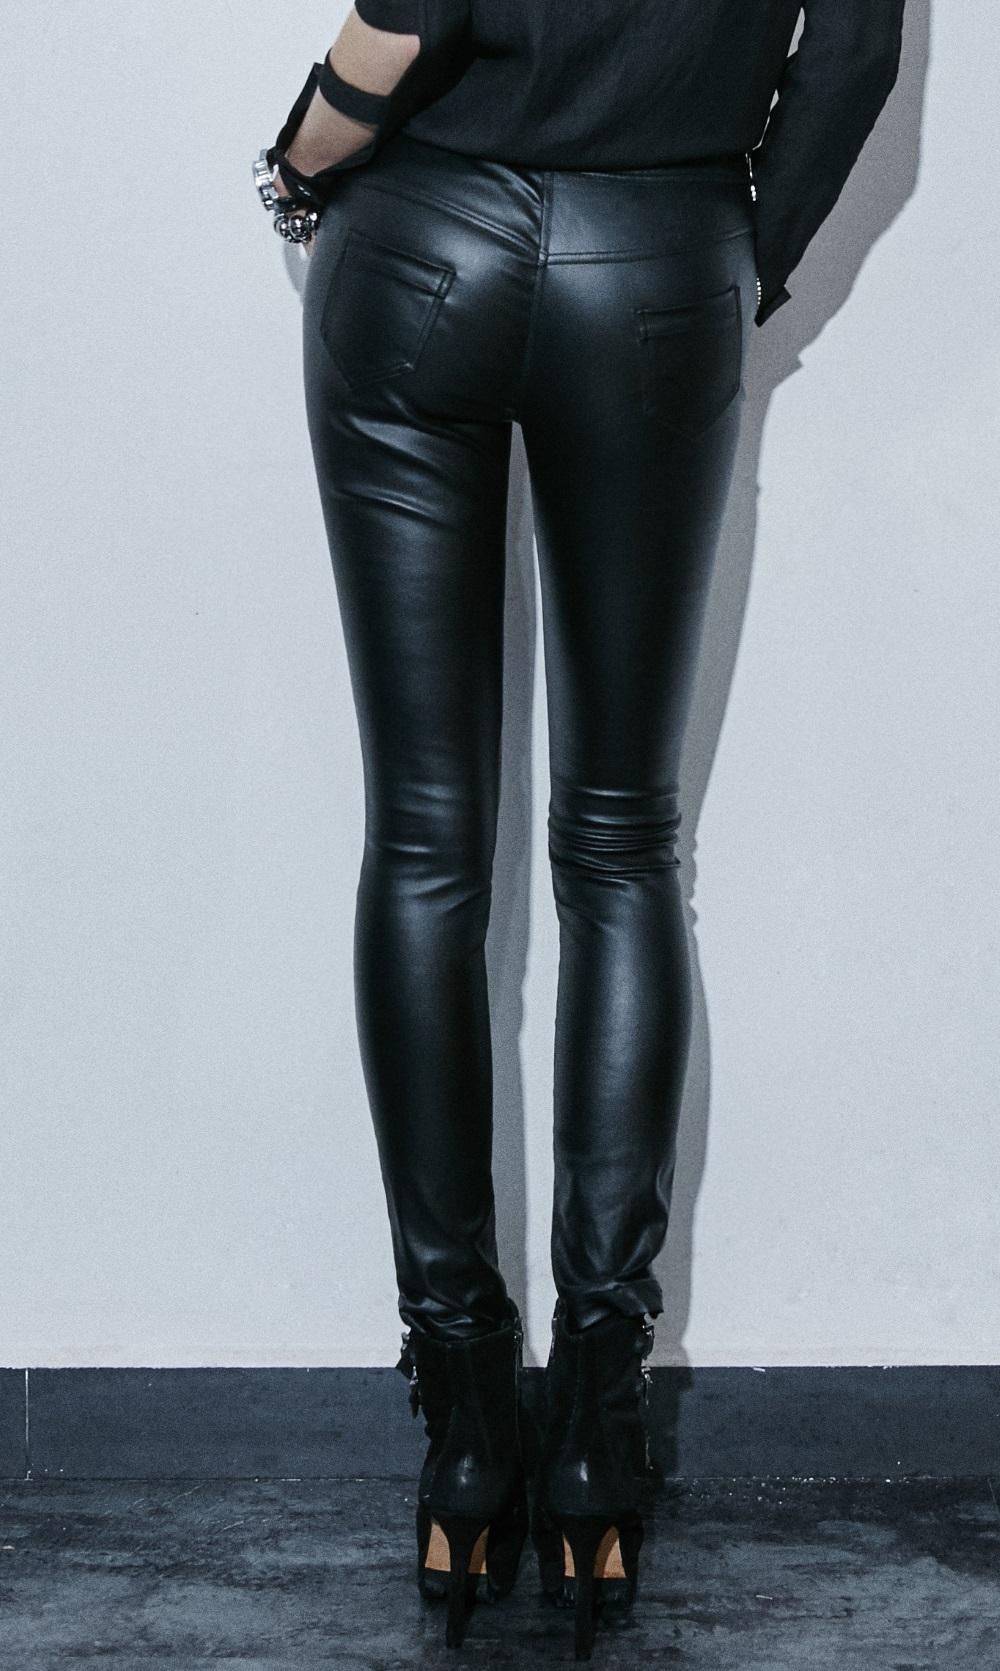 pantalon gothique femme en simili cuir noir